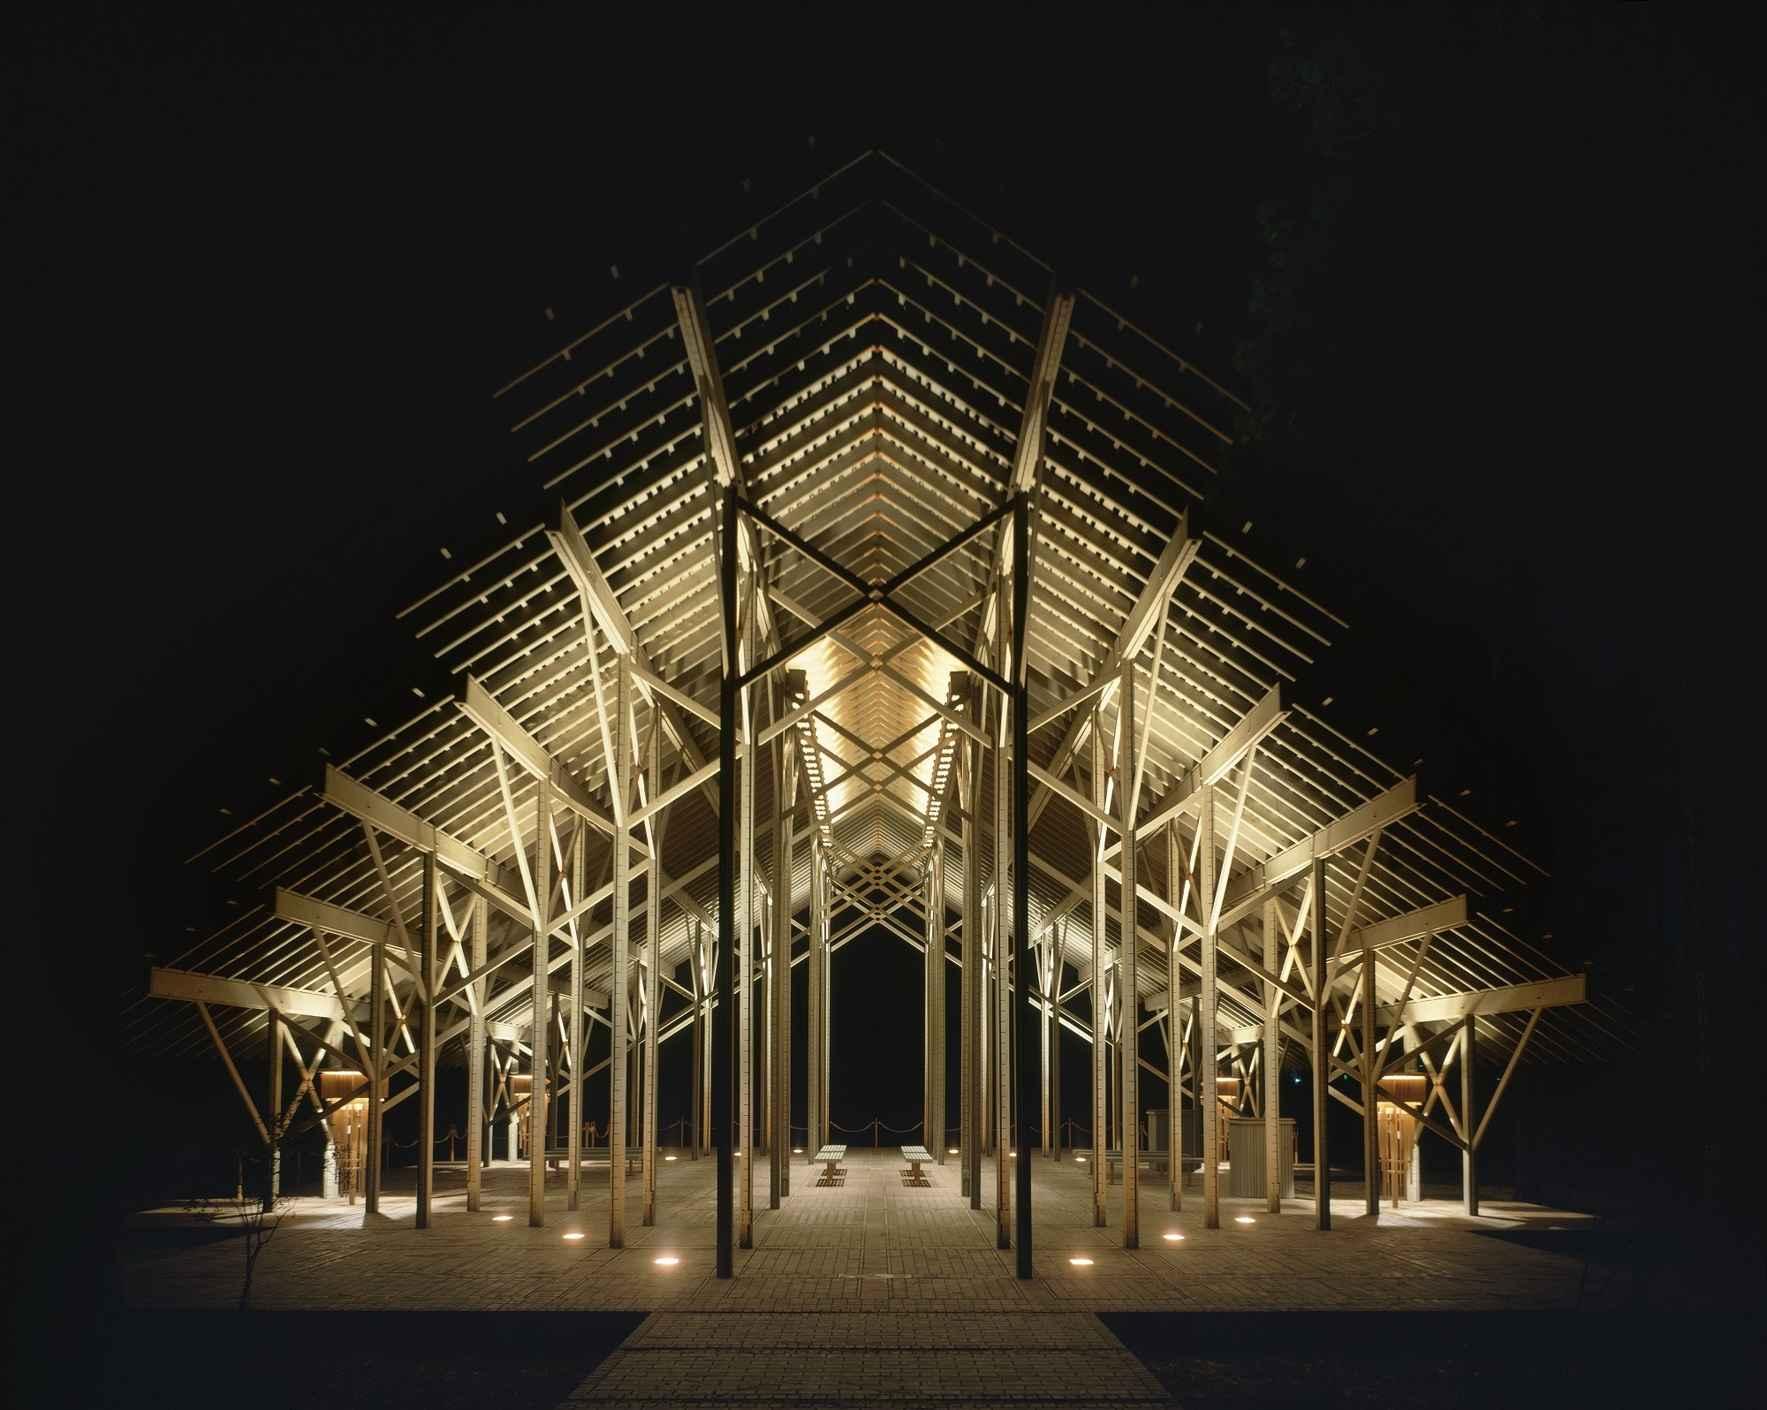 The Unbuilt Crosby Arboretum image